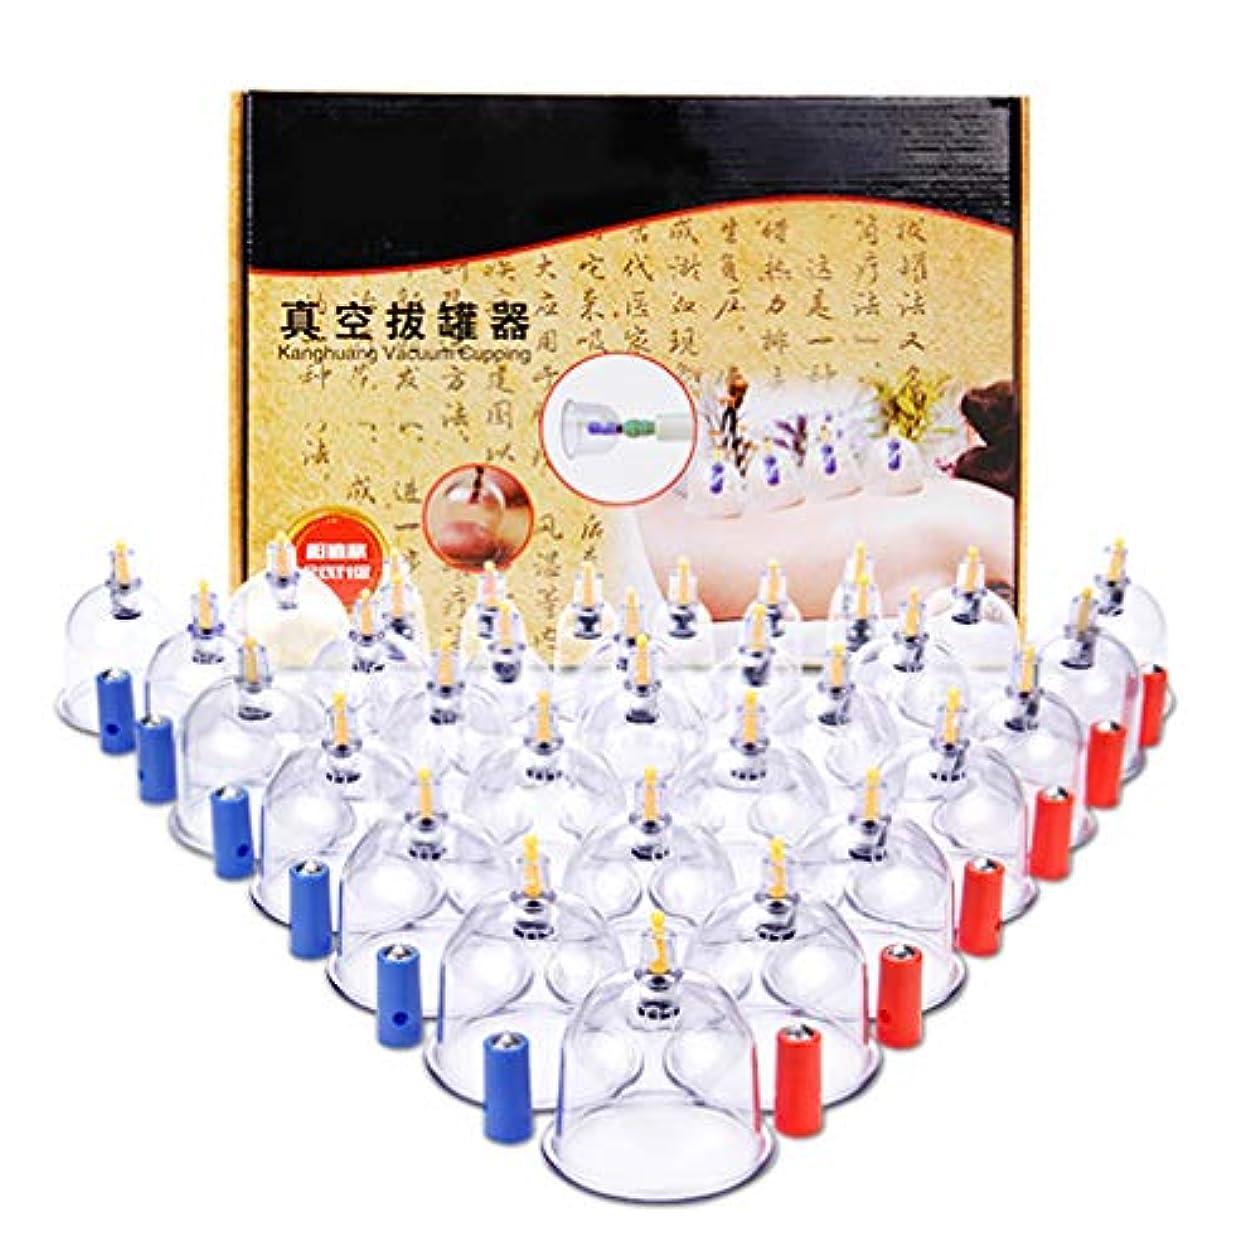 忠実なタウポ湖なかなか32個の真空カッピングカップ、背中/首の痛み、減量のためのポンプハンドル中国式マッサージ医療用カッピングセット吸引鍼